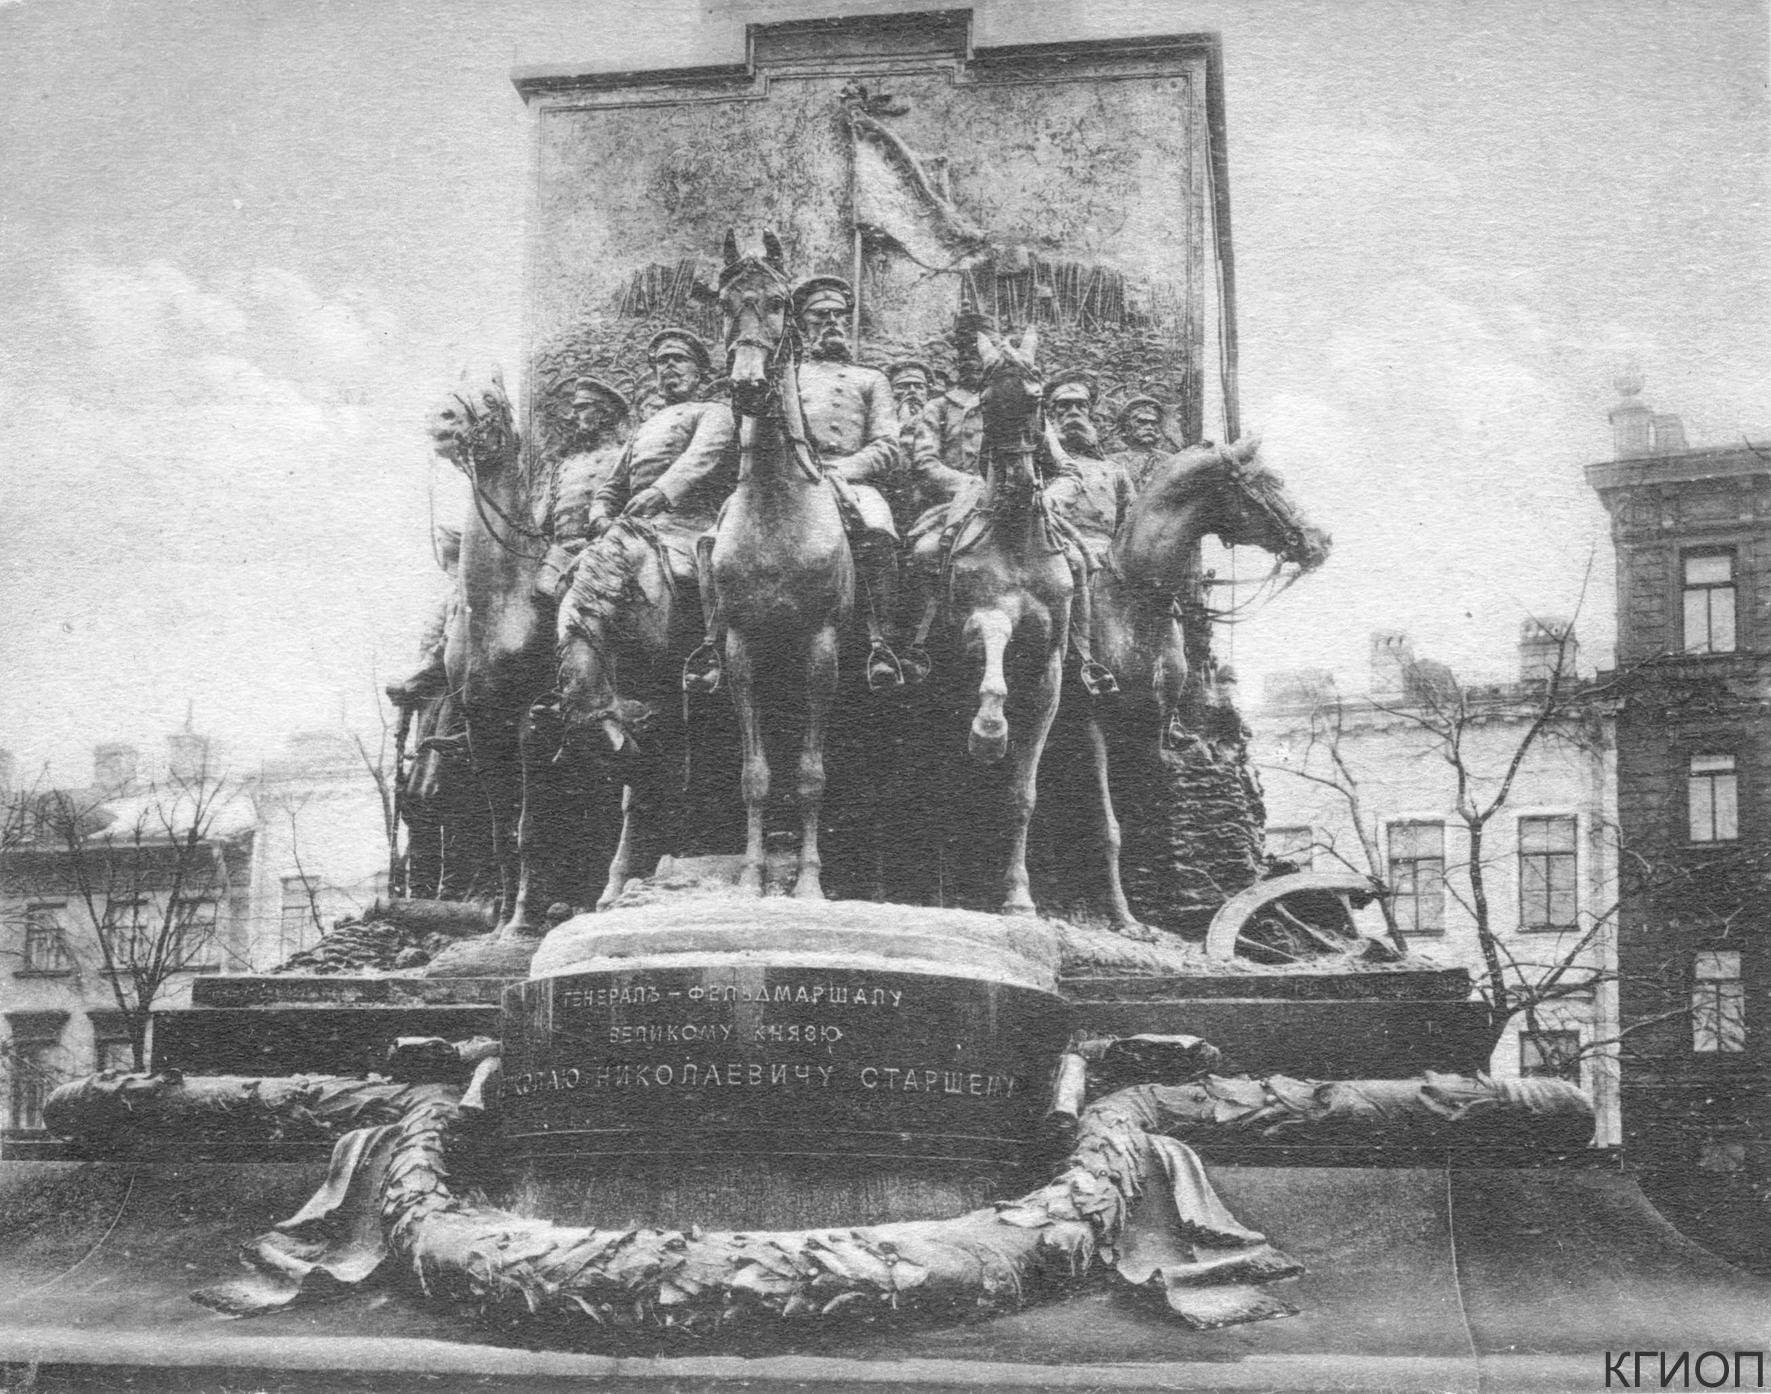 19. Памятник великому князю Николаю Николаевичу на Манежной площади. 1915